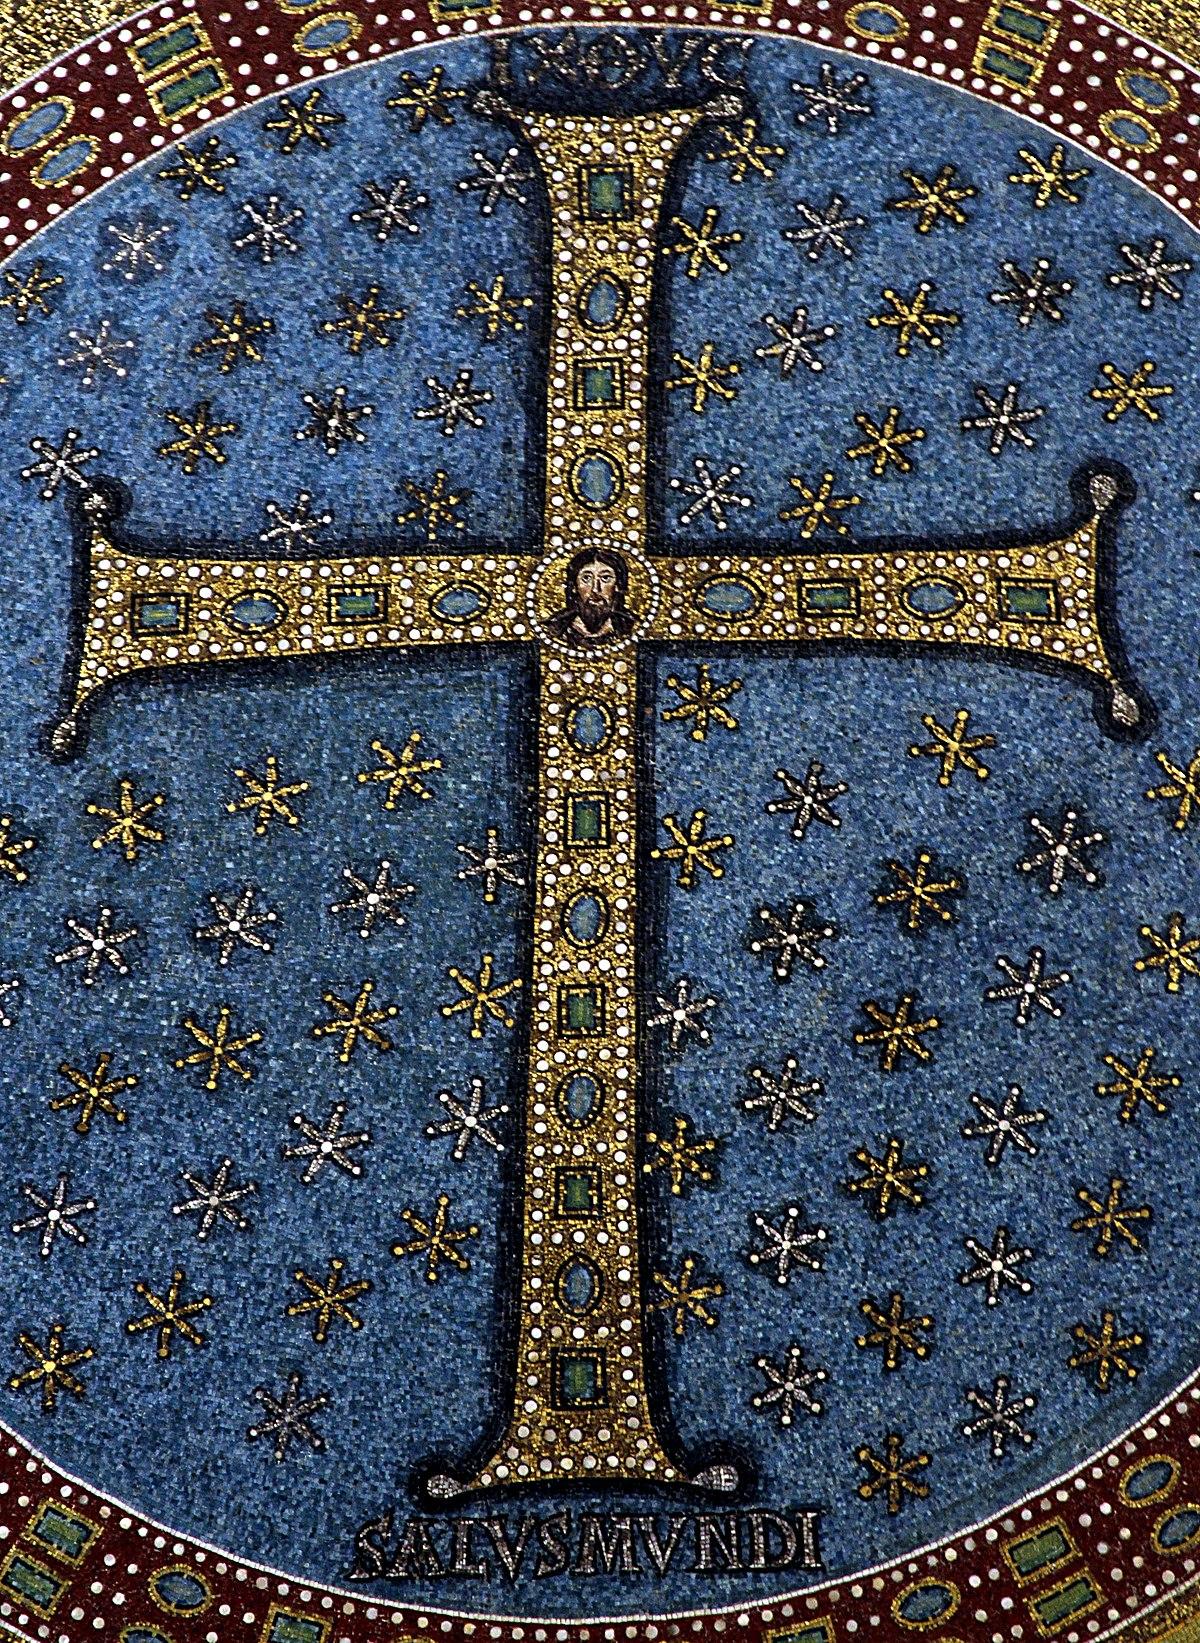 Christian Cross Wikipedia